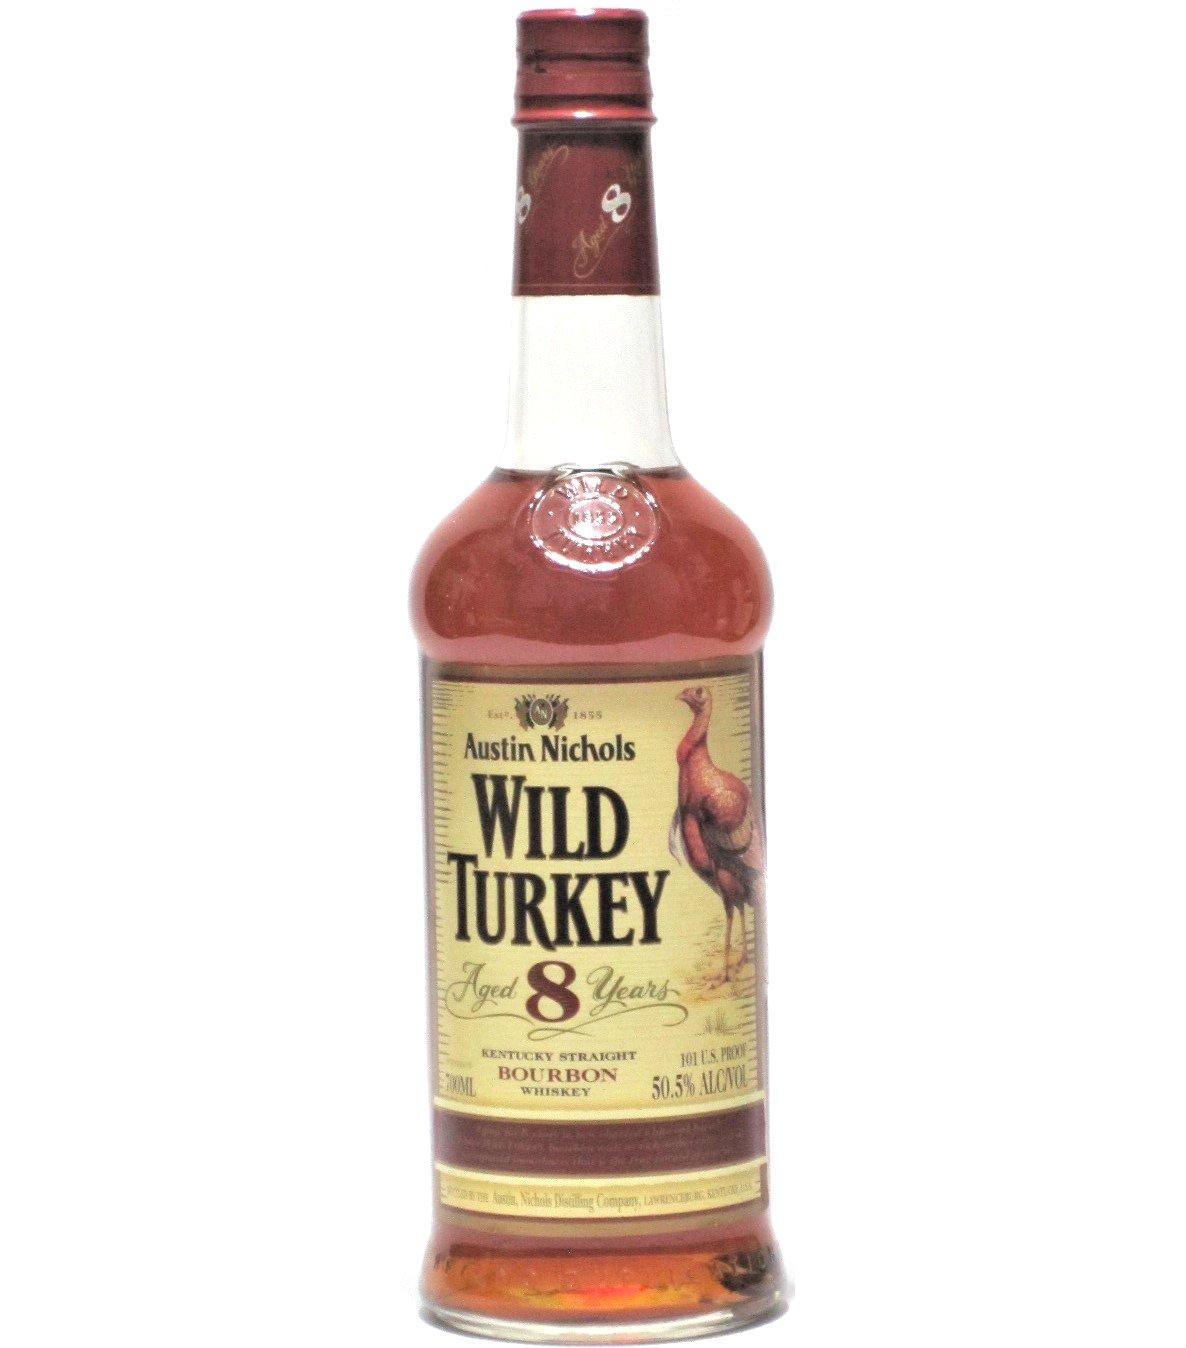 [古酒] ワイルドターキー 8年 正規品 50.5度 700ml